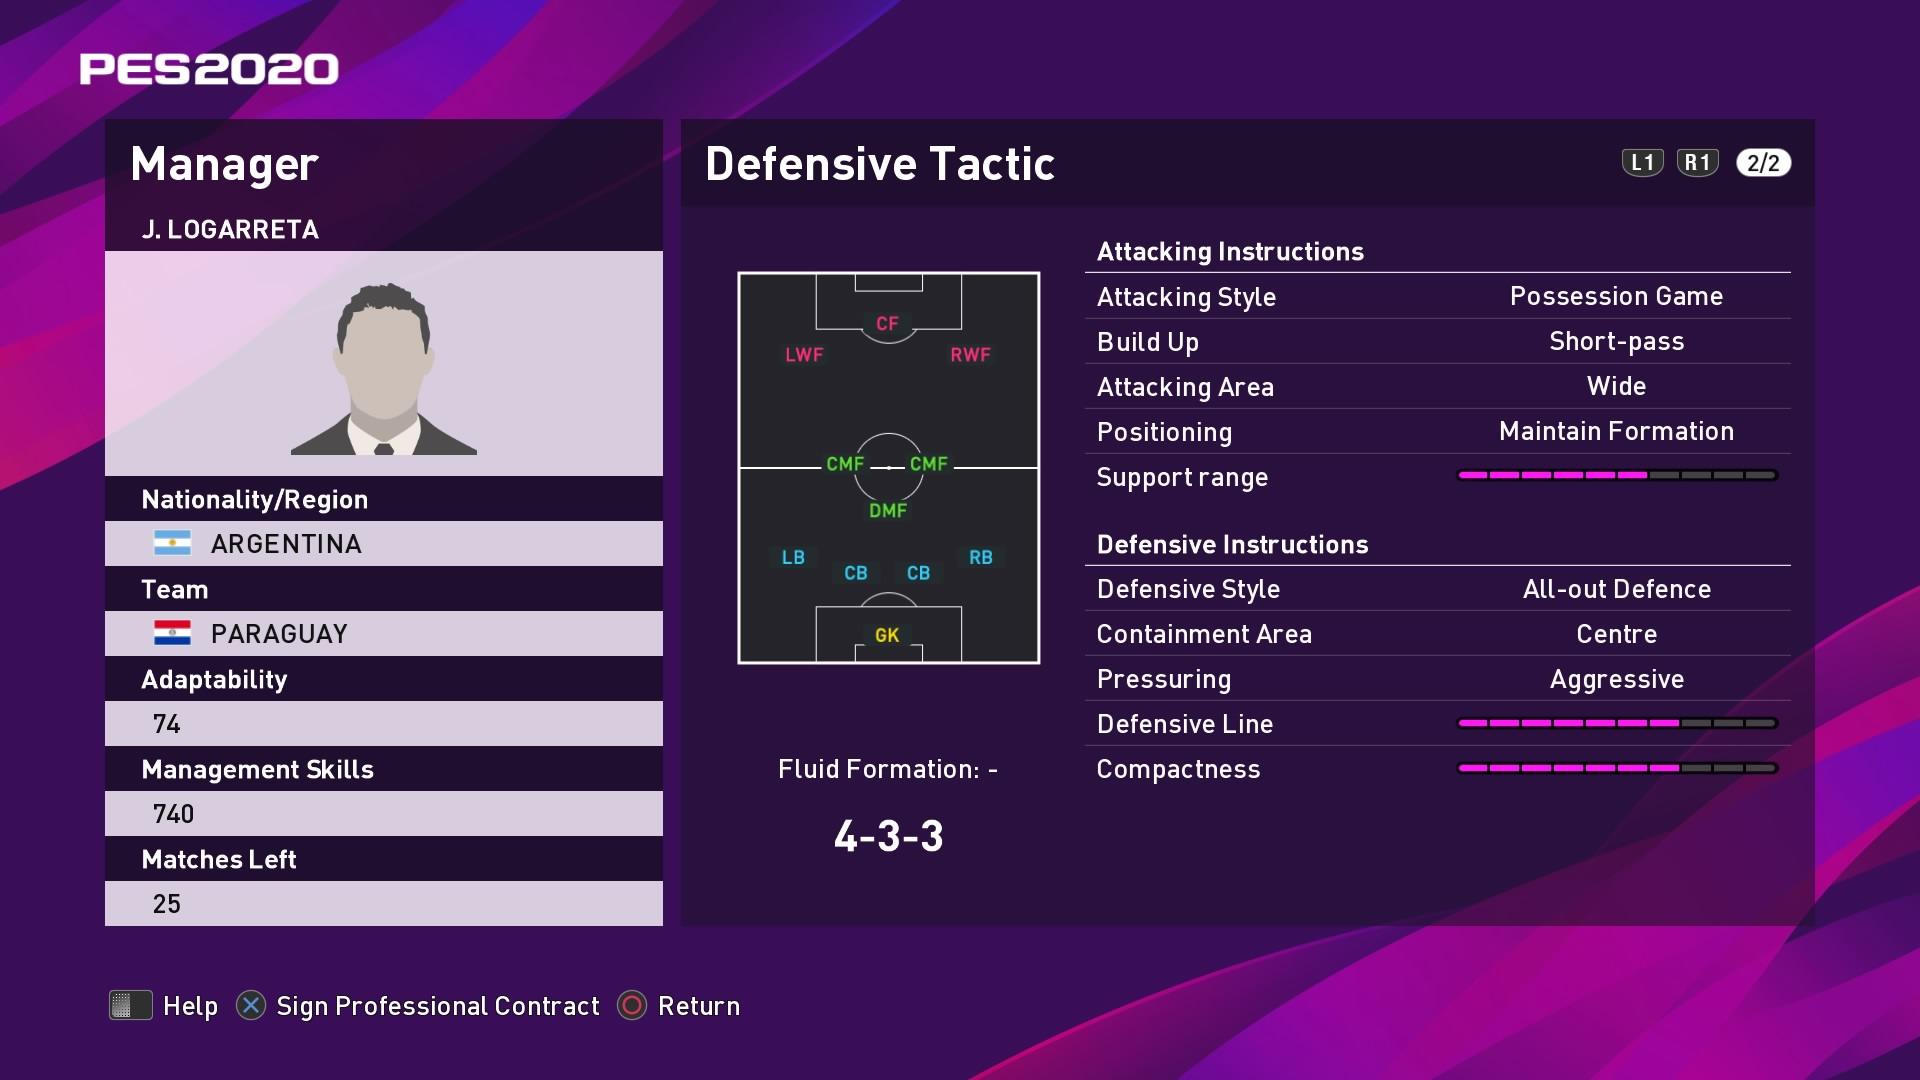 J. Logarreta (Eduardo Berizzo) Defensive Tactic in PES 2020 myClub